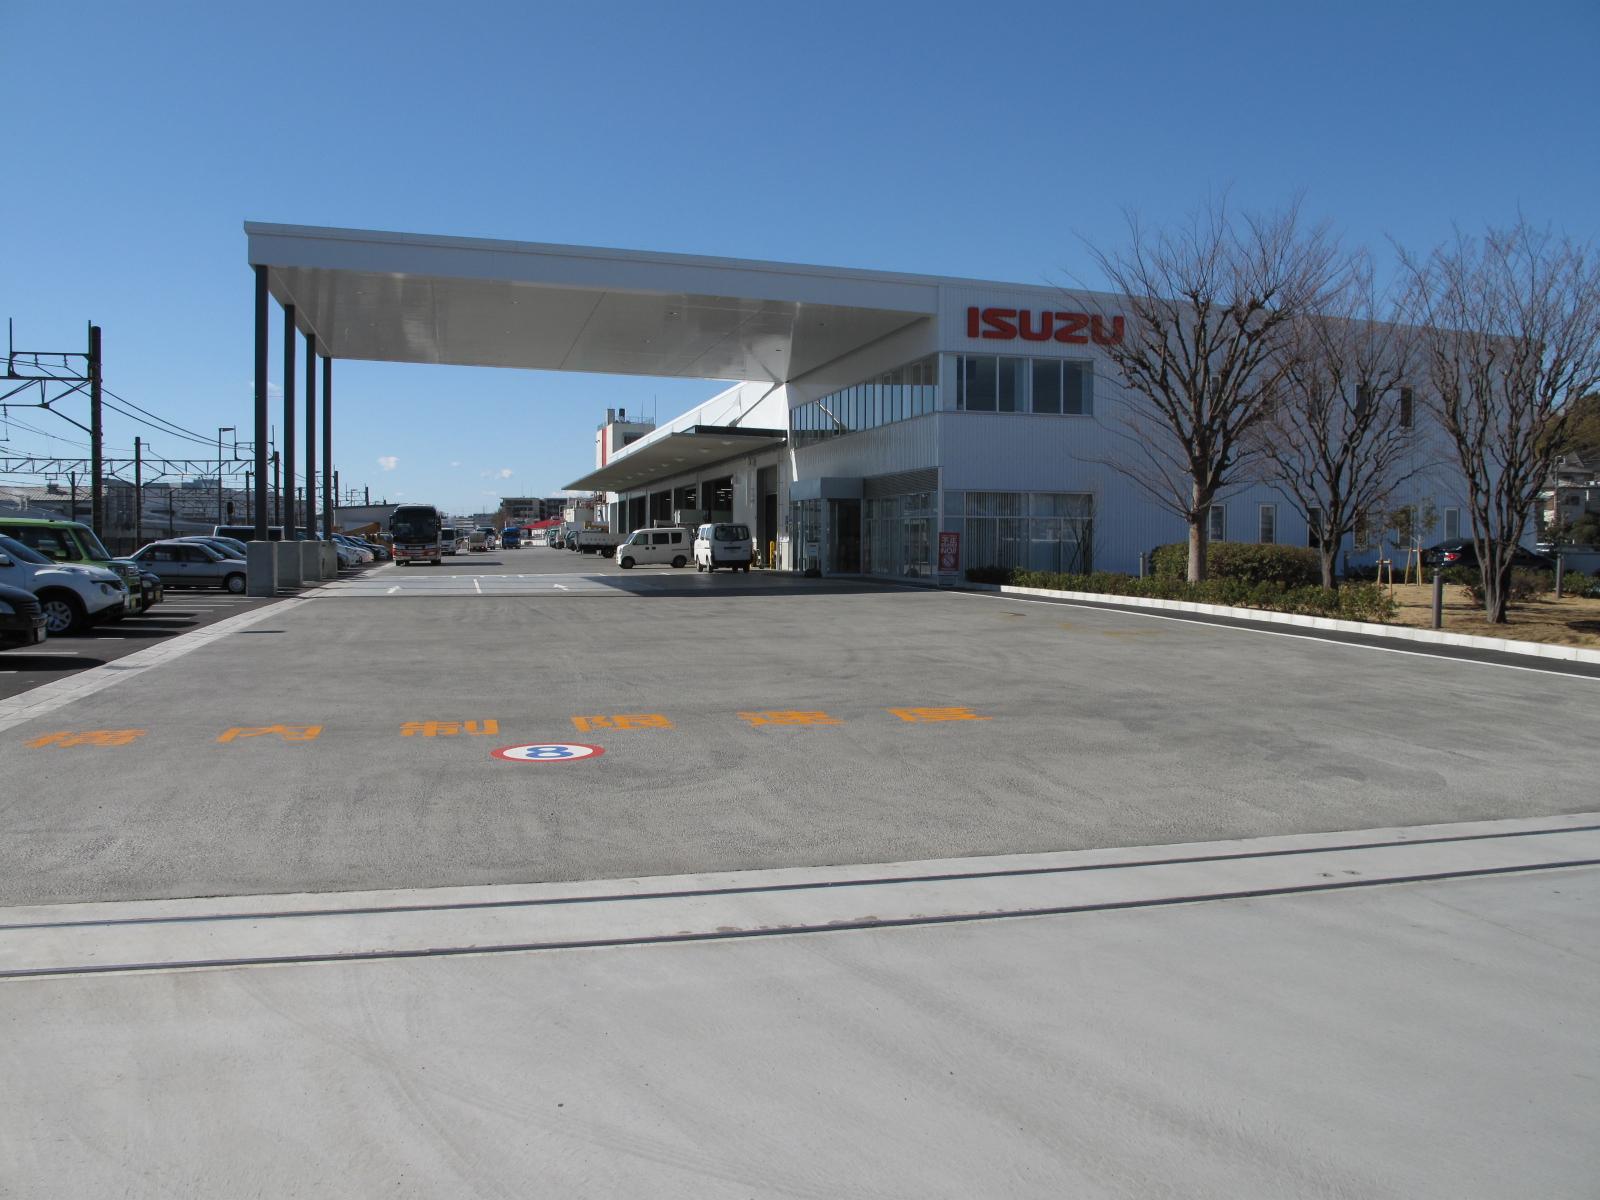 【神奈川県川崎市】年間休日111日◆残業代100%支給◆大型トラックの整備士大募集《期間限定》